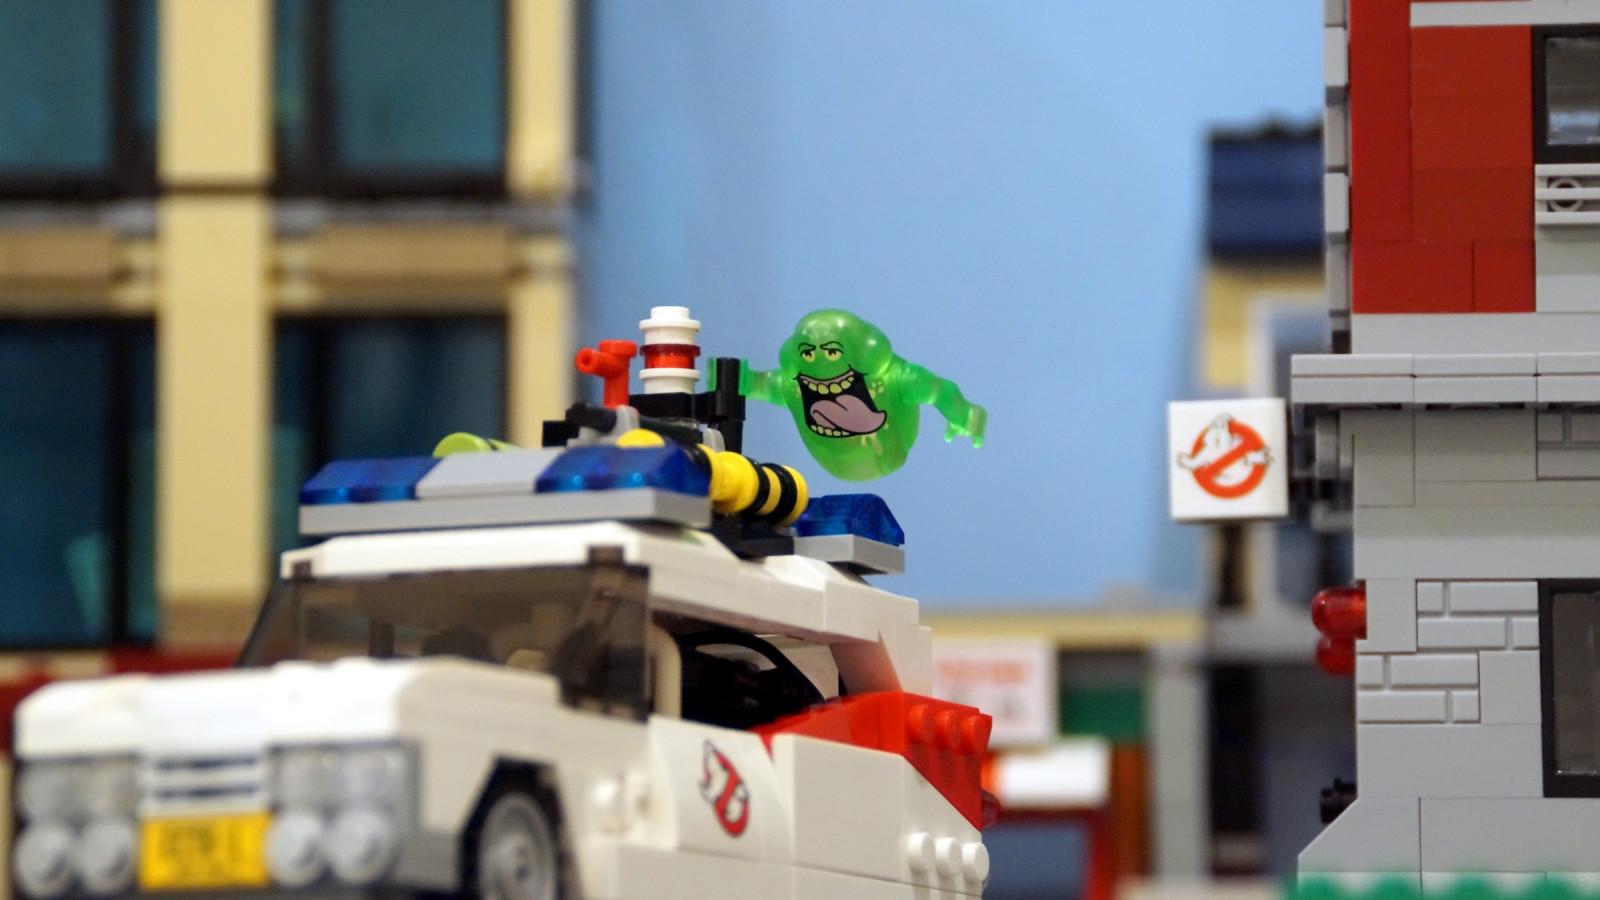 Sfondi giocattoli auto cartone animato lego tecnologia